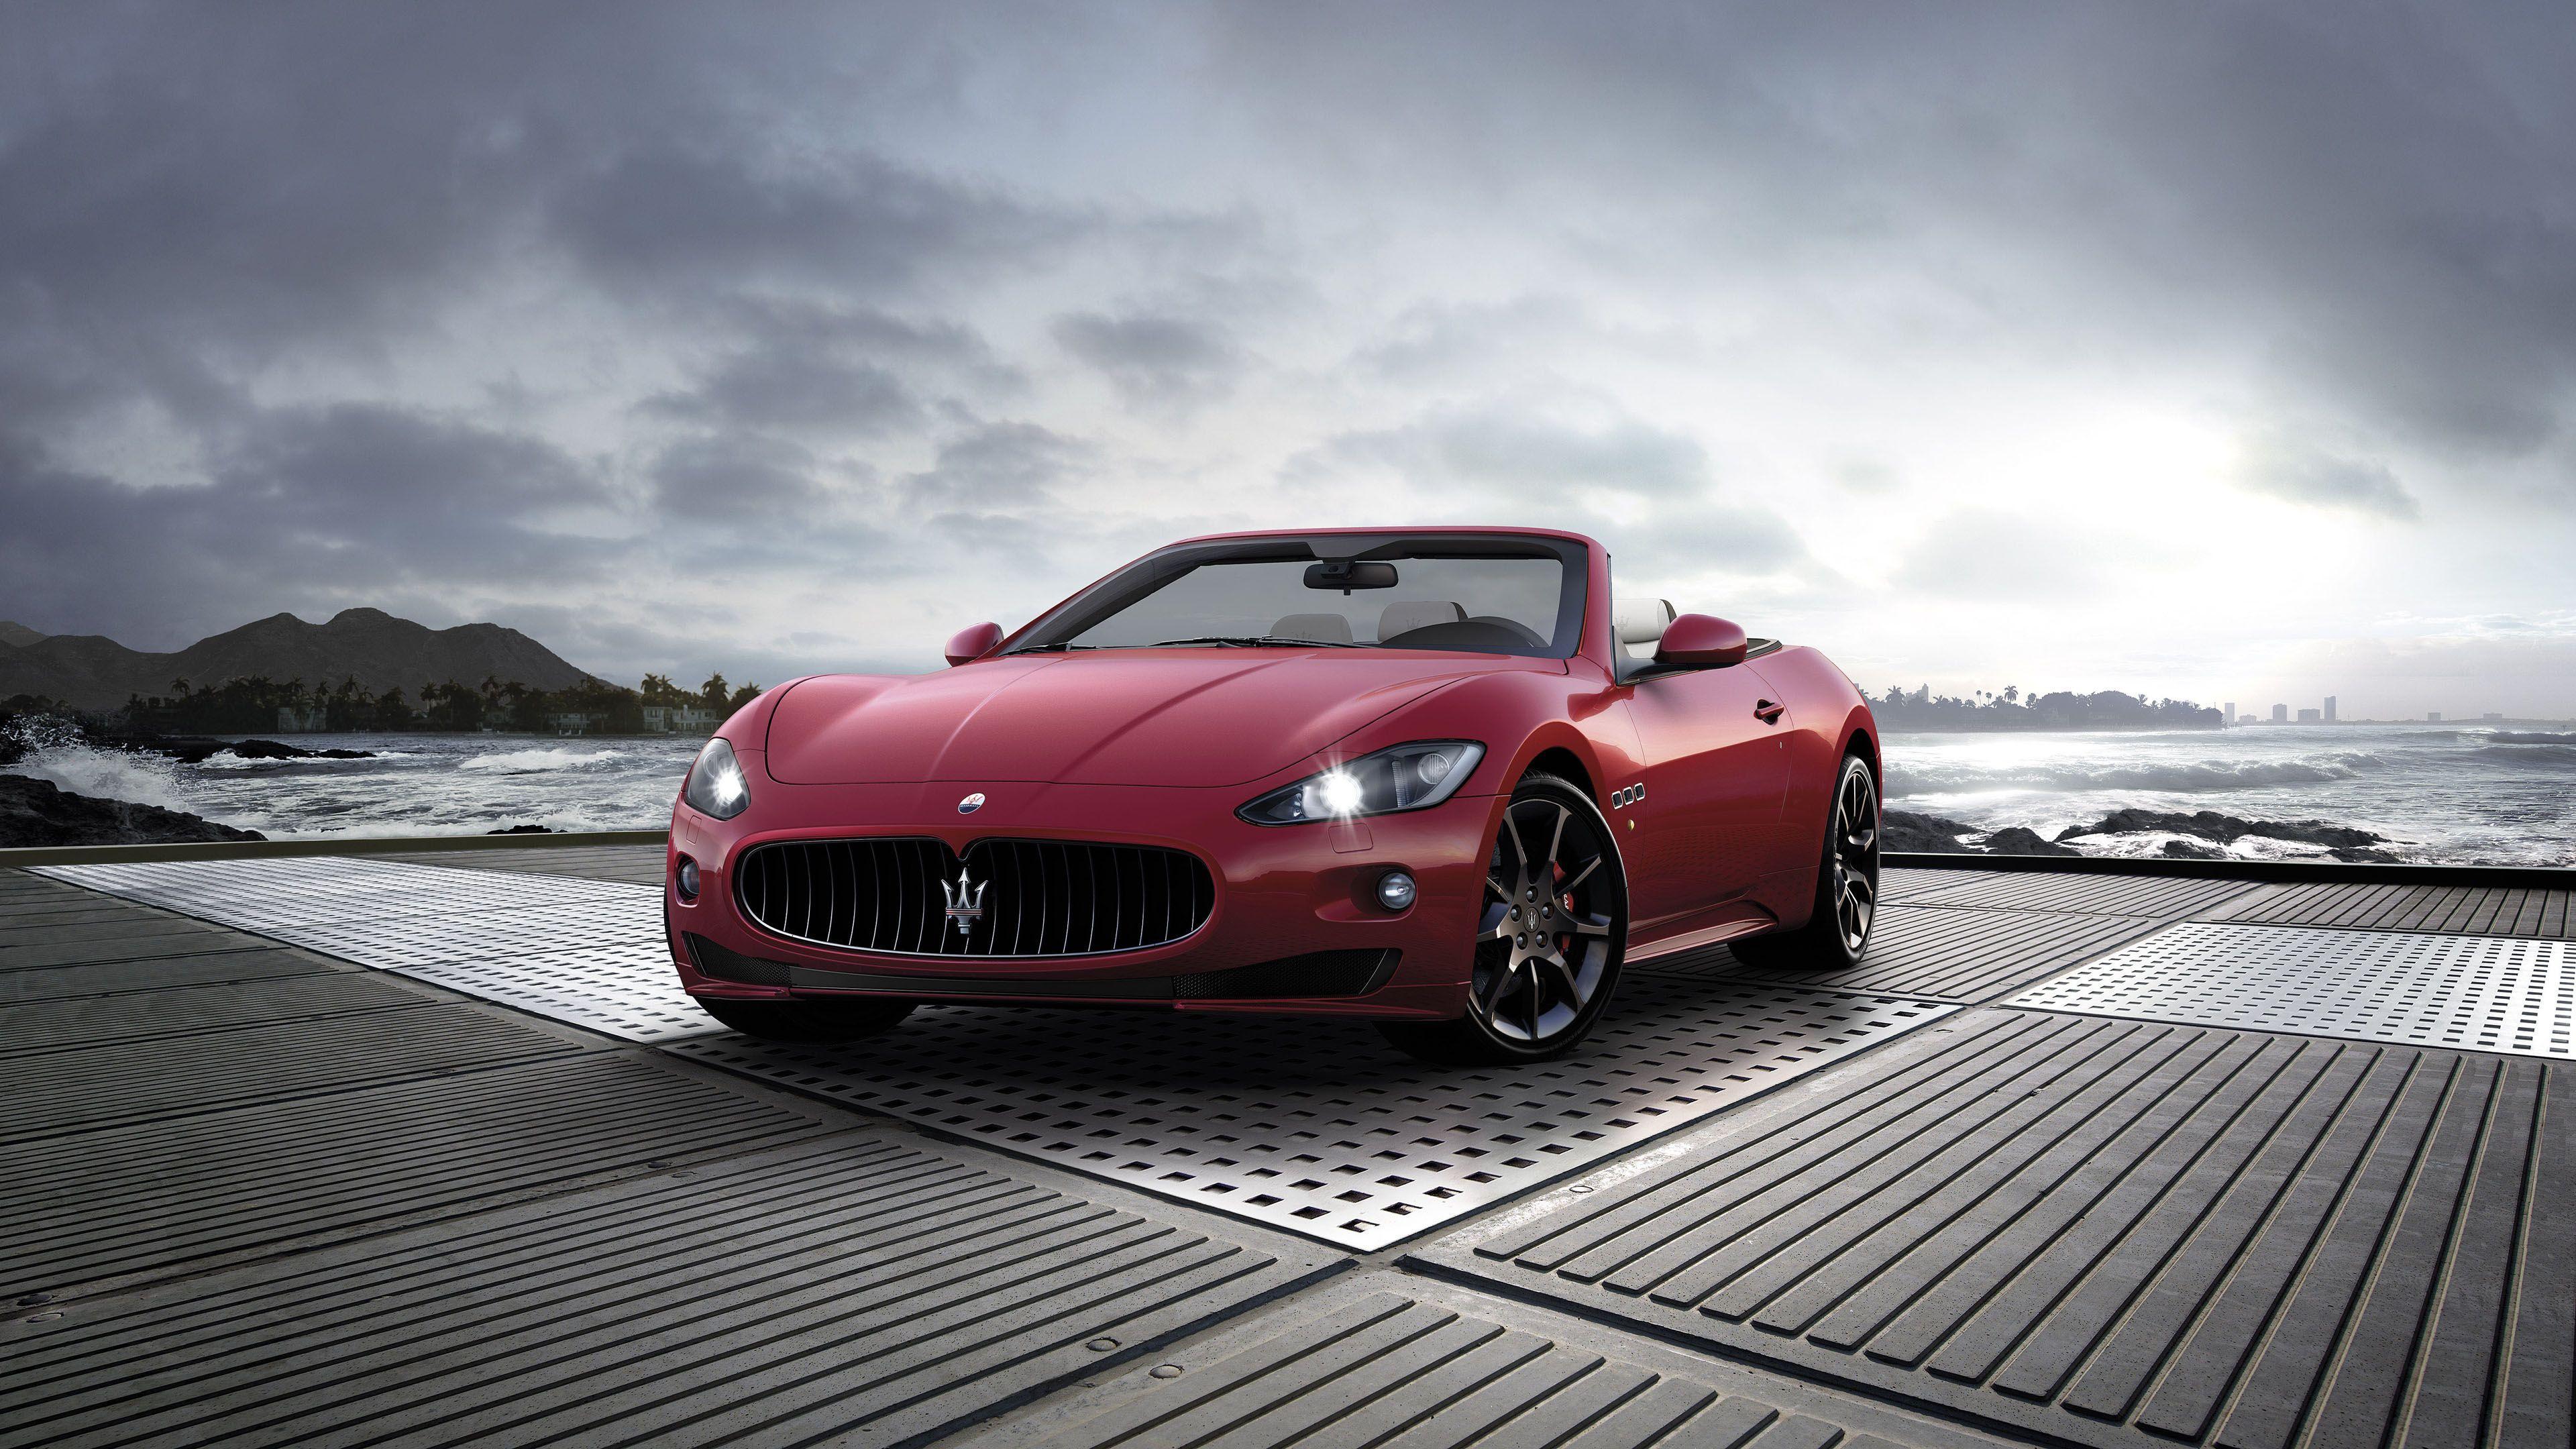 4k Maserati Wallpapers Top Free 4k Maserati Backgrounds